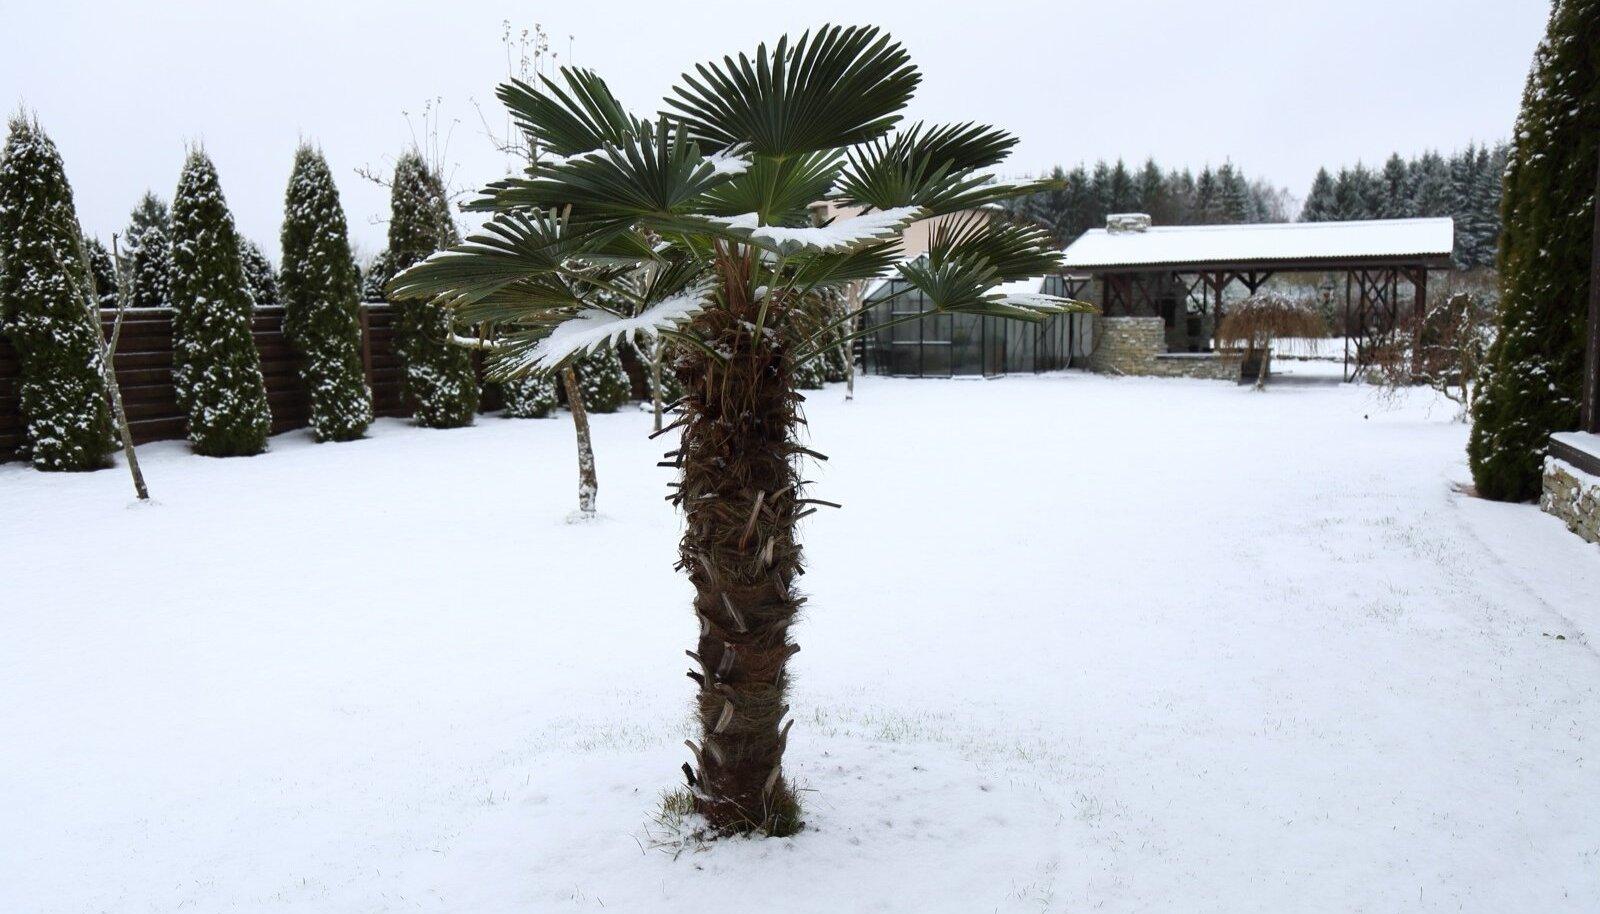 Wagneri karuspalm ehk harilik karuspalm kasvab Rannamõisa lähistel juba seitsmendat aastat. Viimastel aastatel pole puud enam ka katta tulnud.